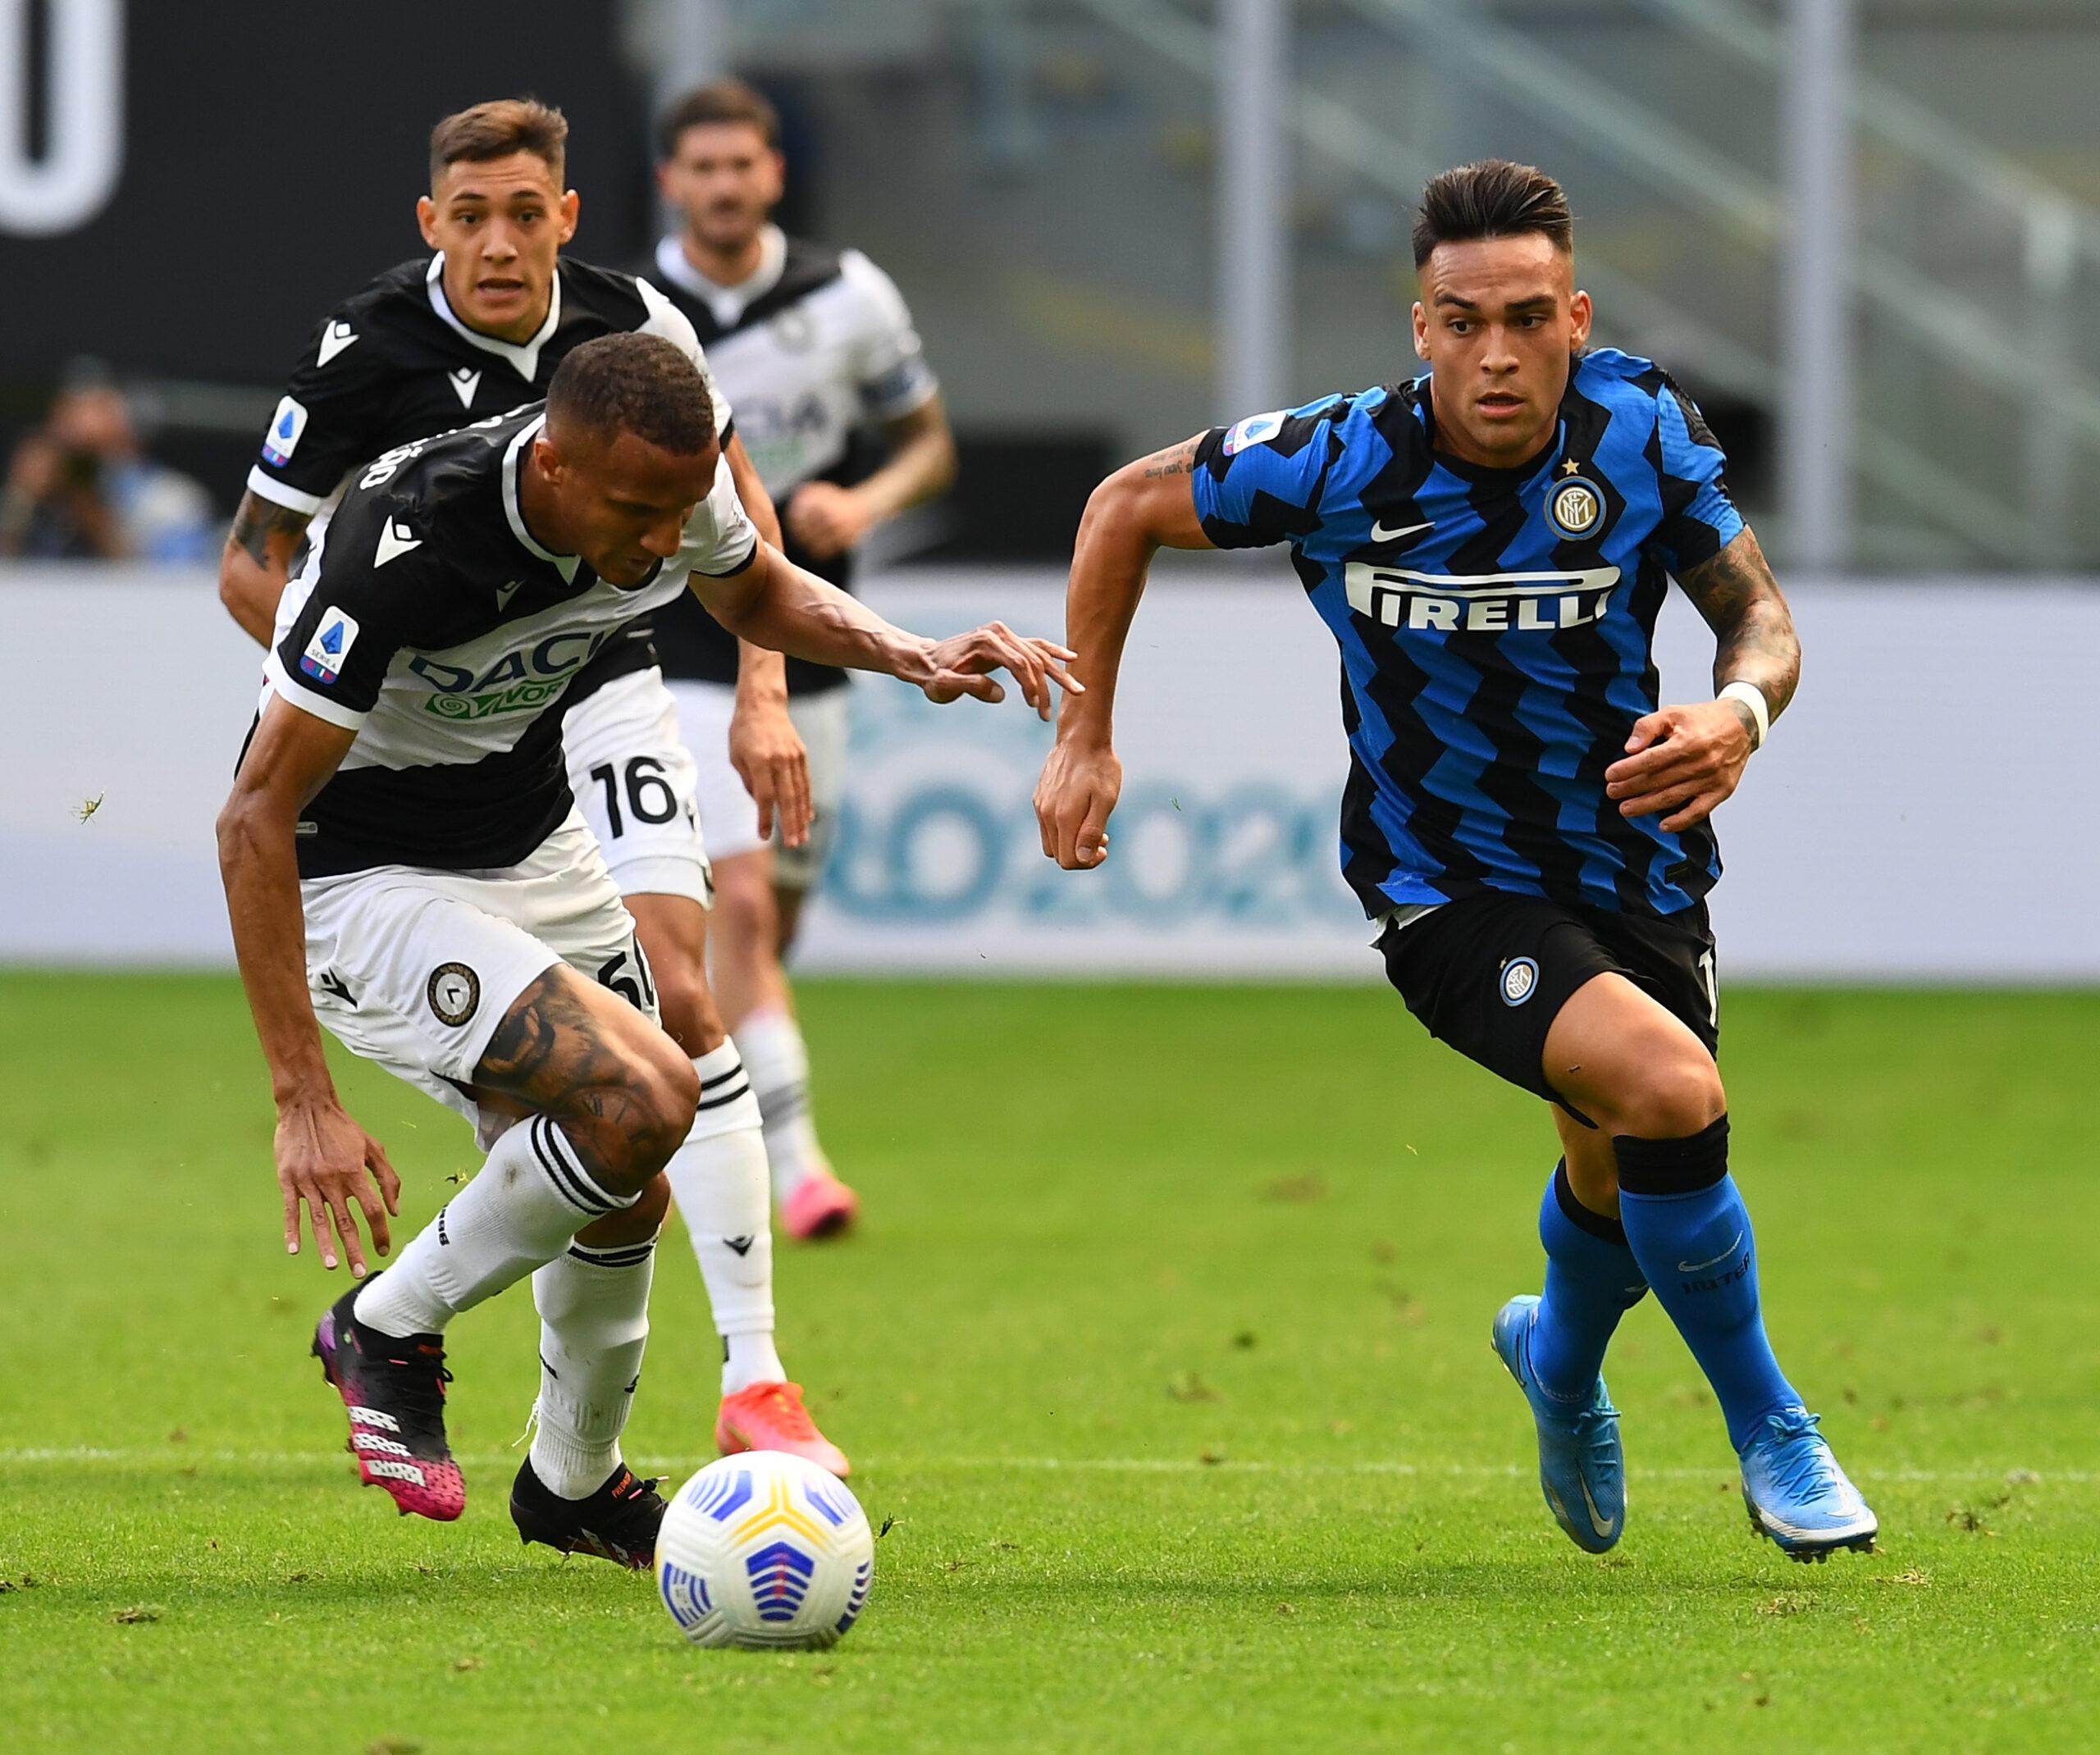 Inter-Udinese, la moviola: giuste le decisioni sui rigori